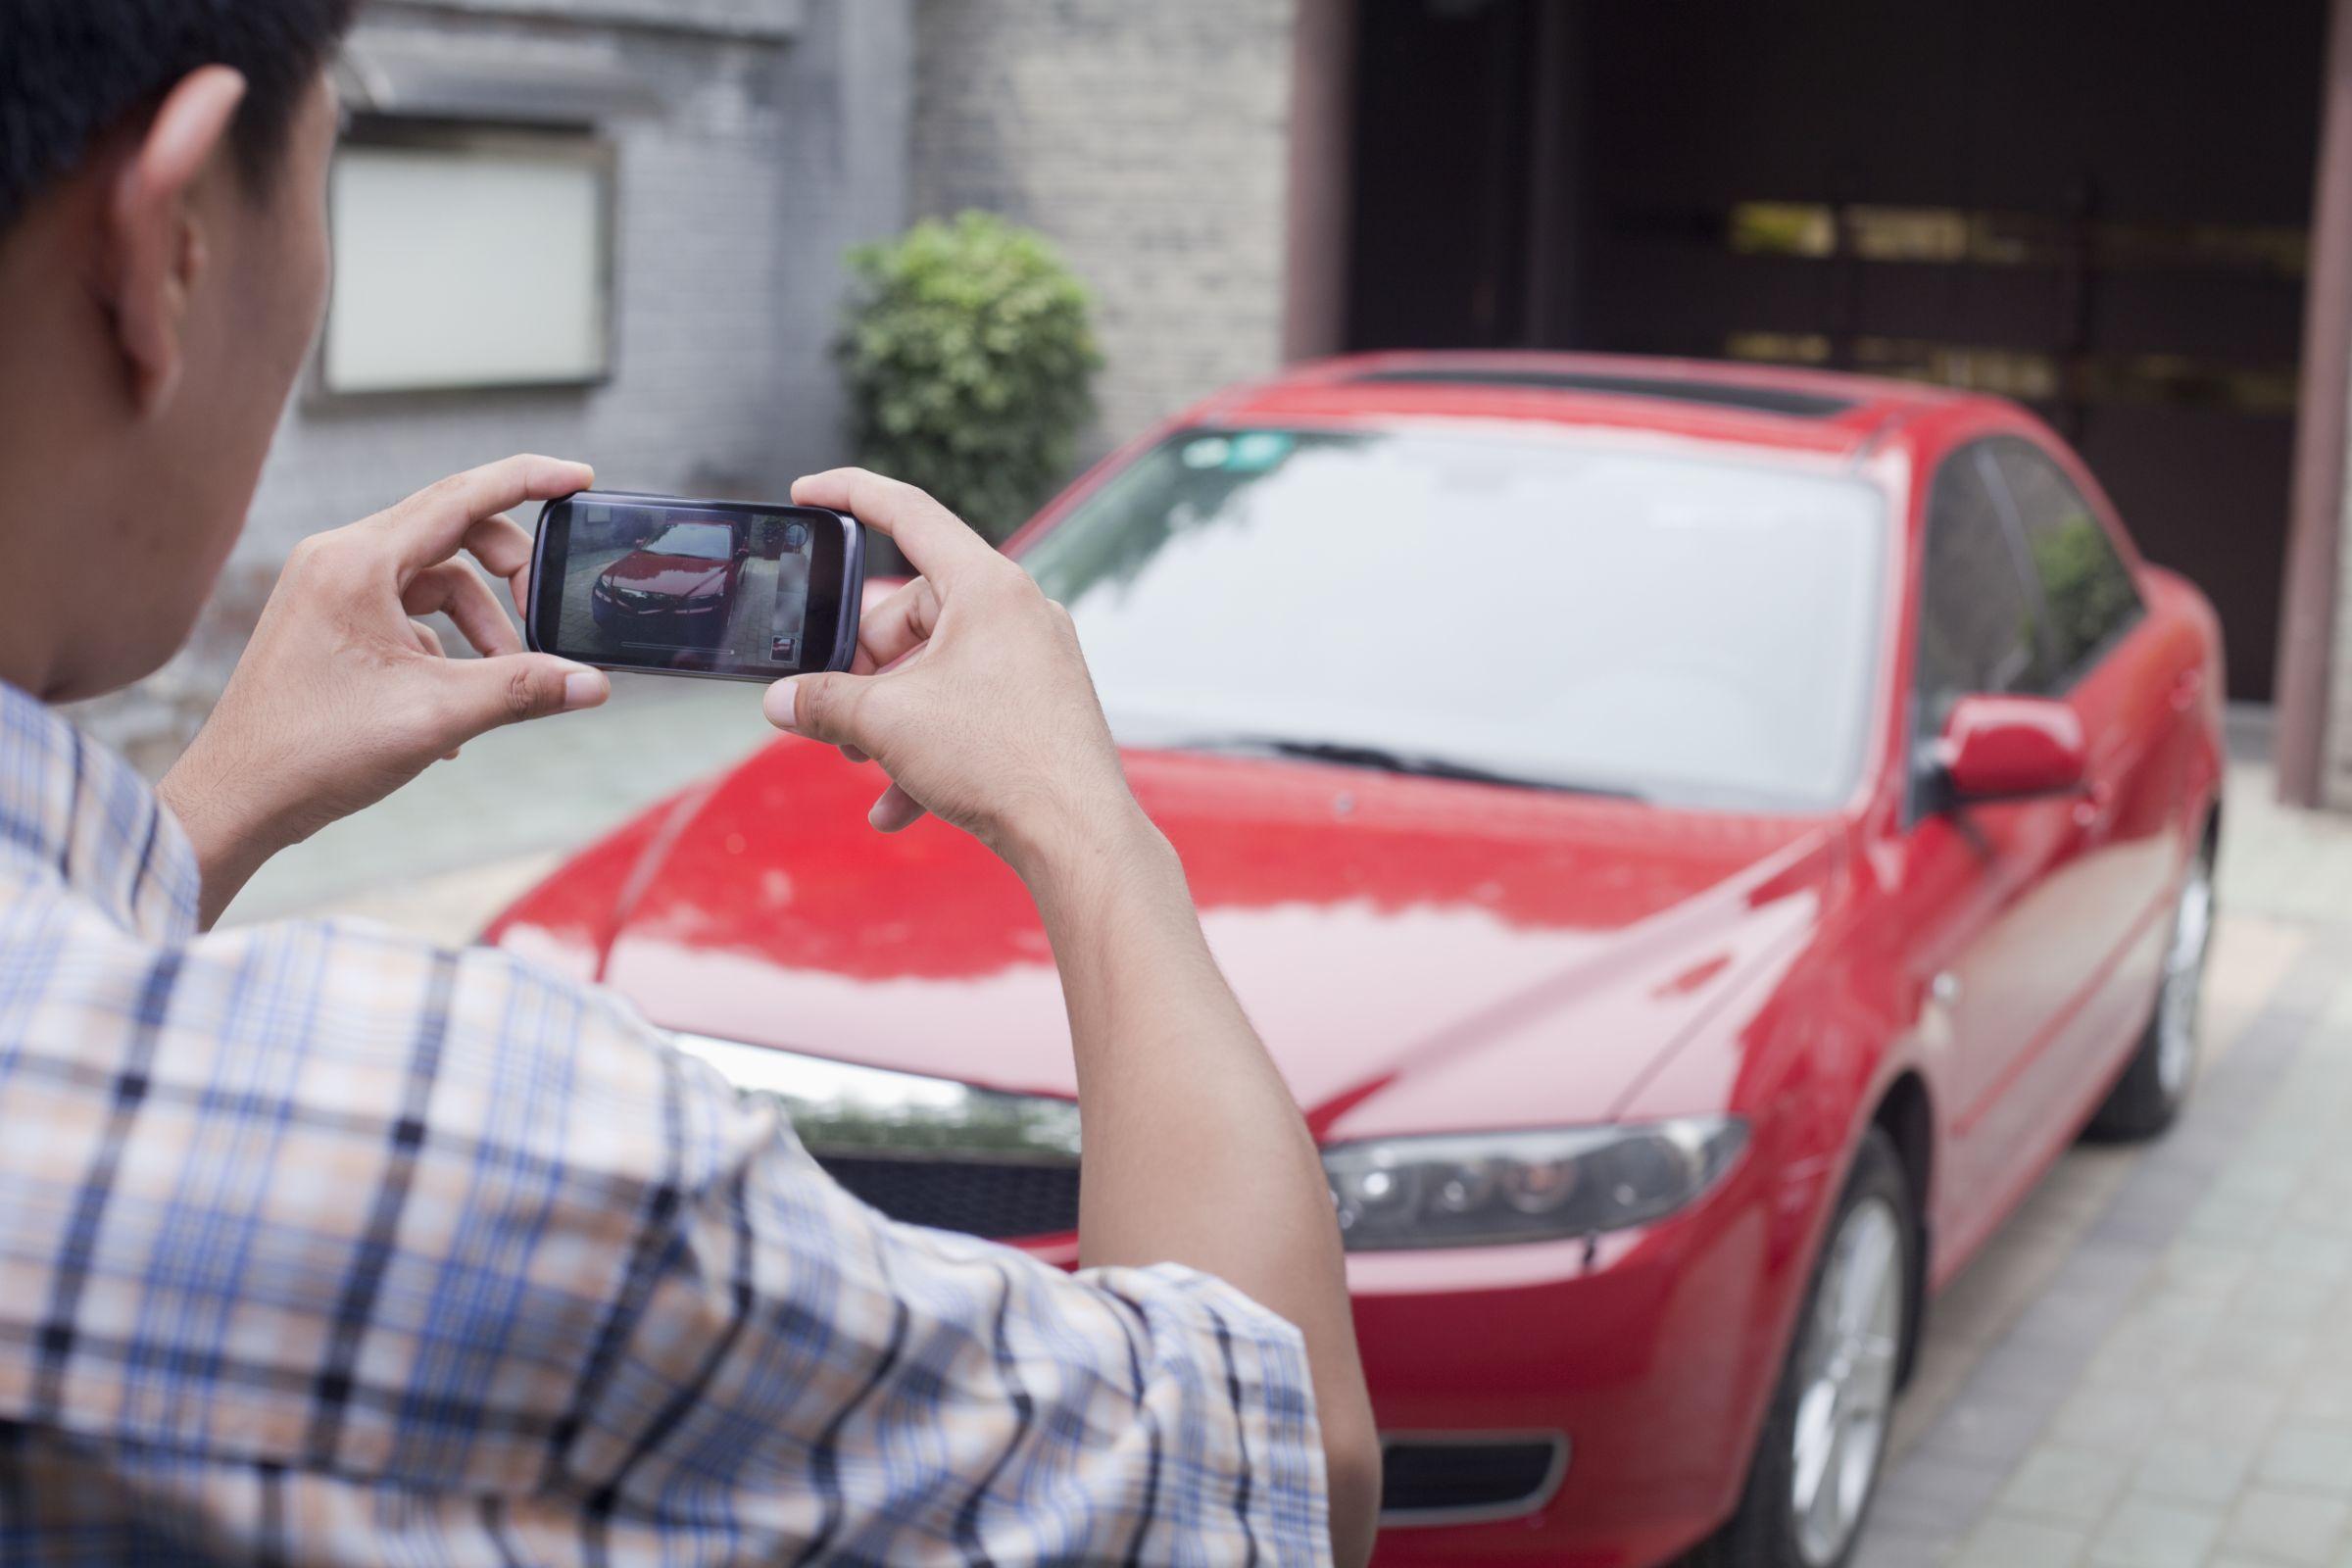 vistoria carro auto vistotia seguro foto carro shutterstock taxa